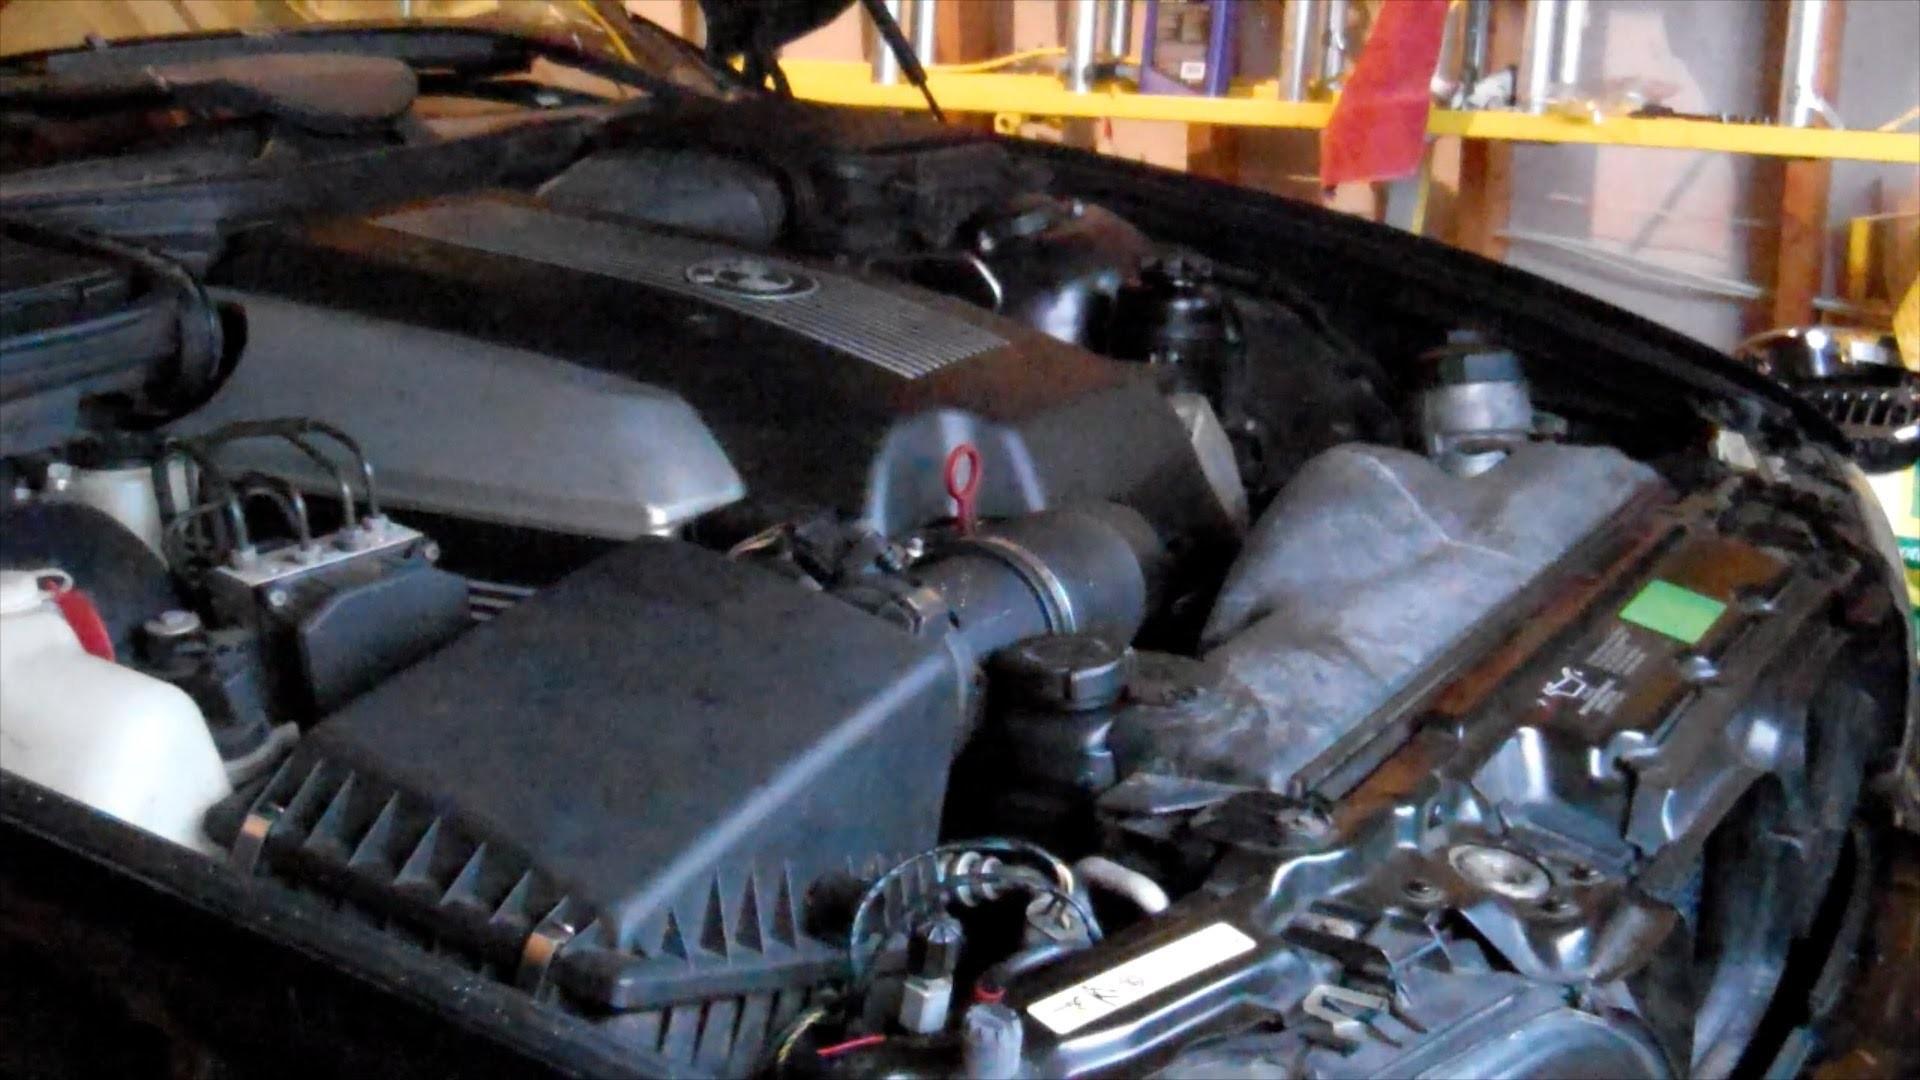 2000 Bmw 528i Engine Diagram Bmw E39 540i E38 740i M62 Camshaft Position Sensor Diy Of 2000 Bmw 528i Engine Diagram